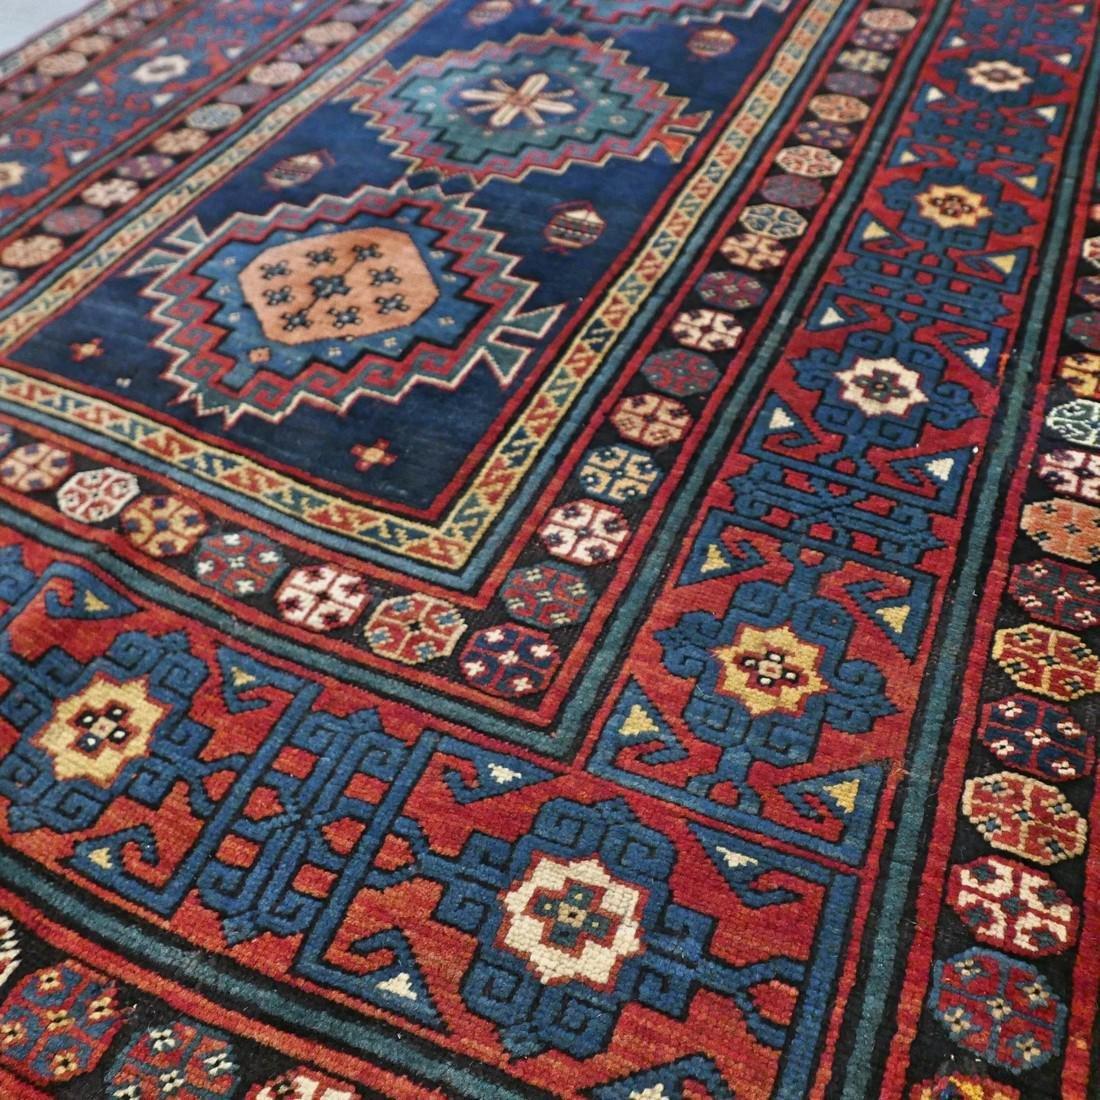 Antique 1800s Kazak rug - 9.5 x 4.3 - 5